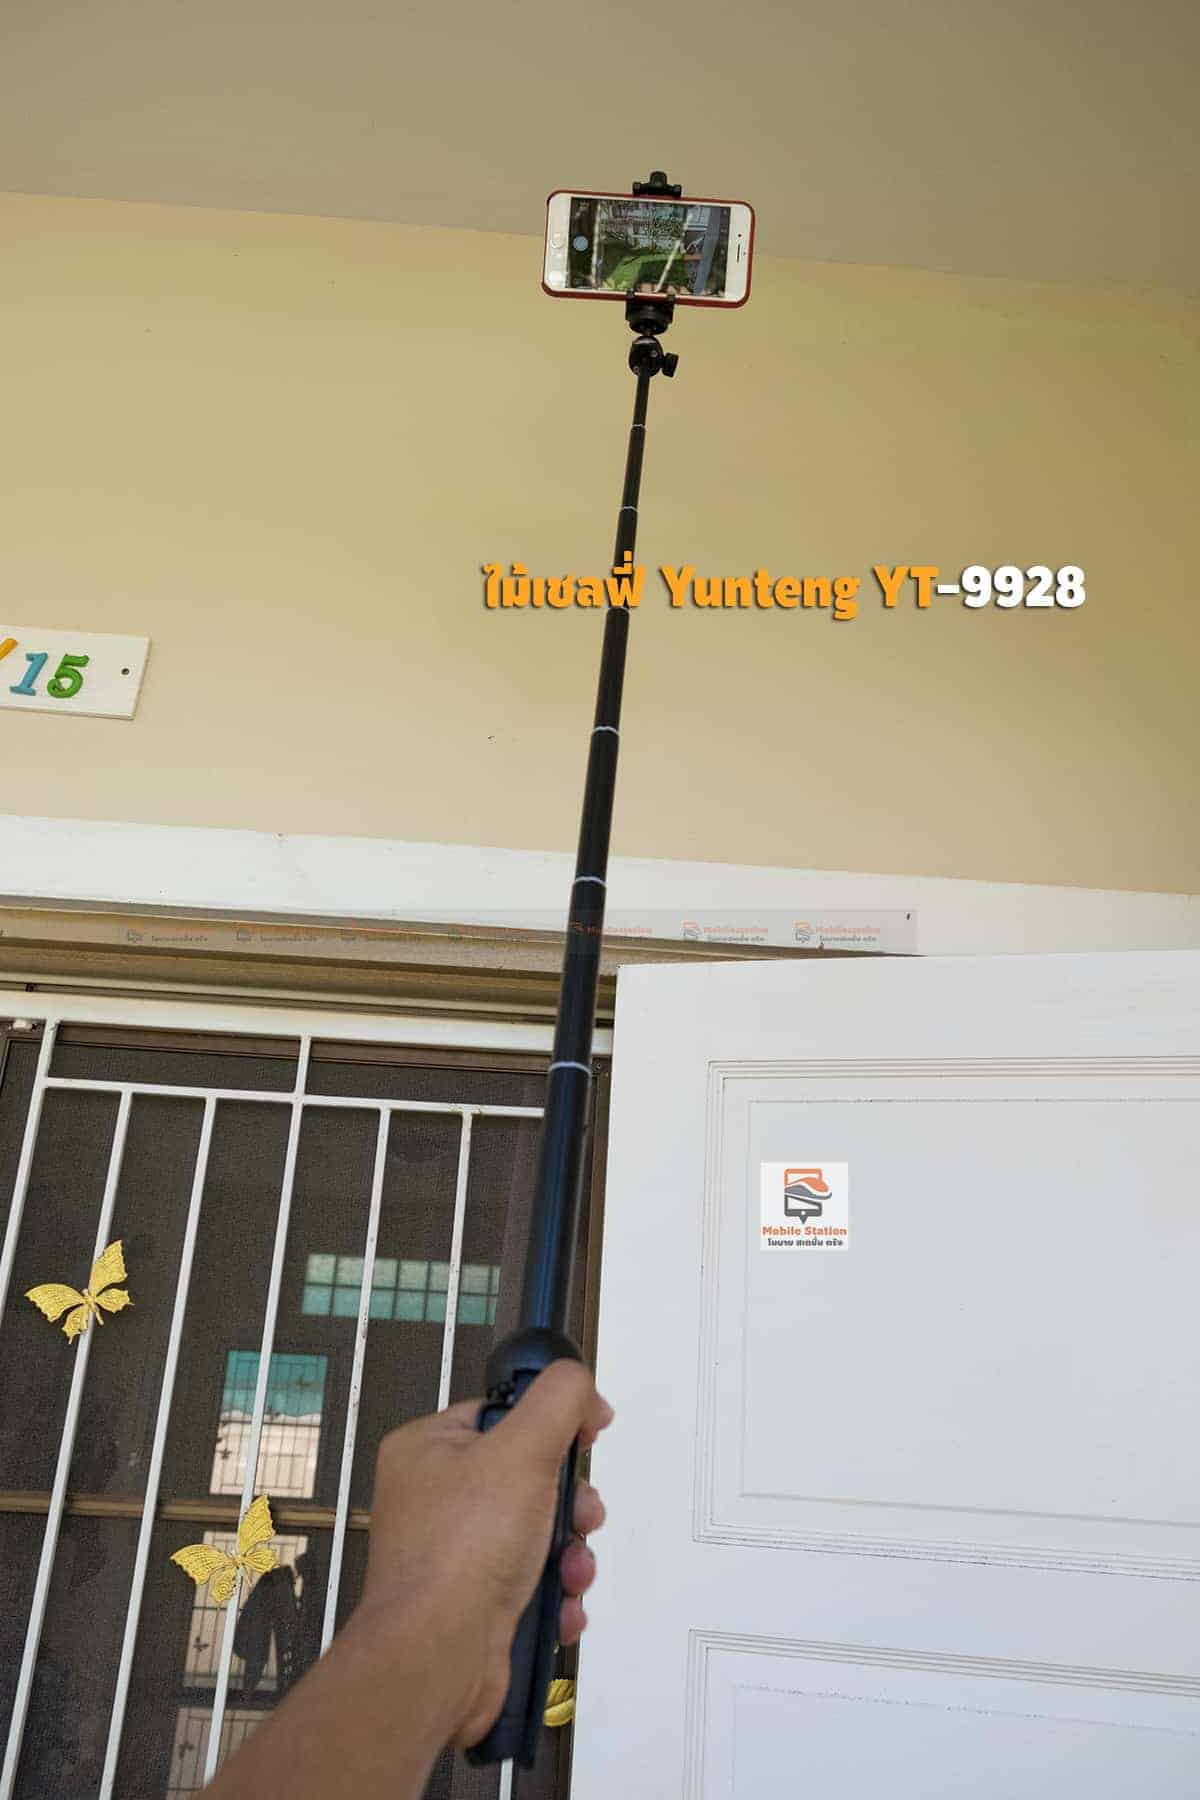 ไม้เชลฟี่ Yunteng YT-9928 19